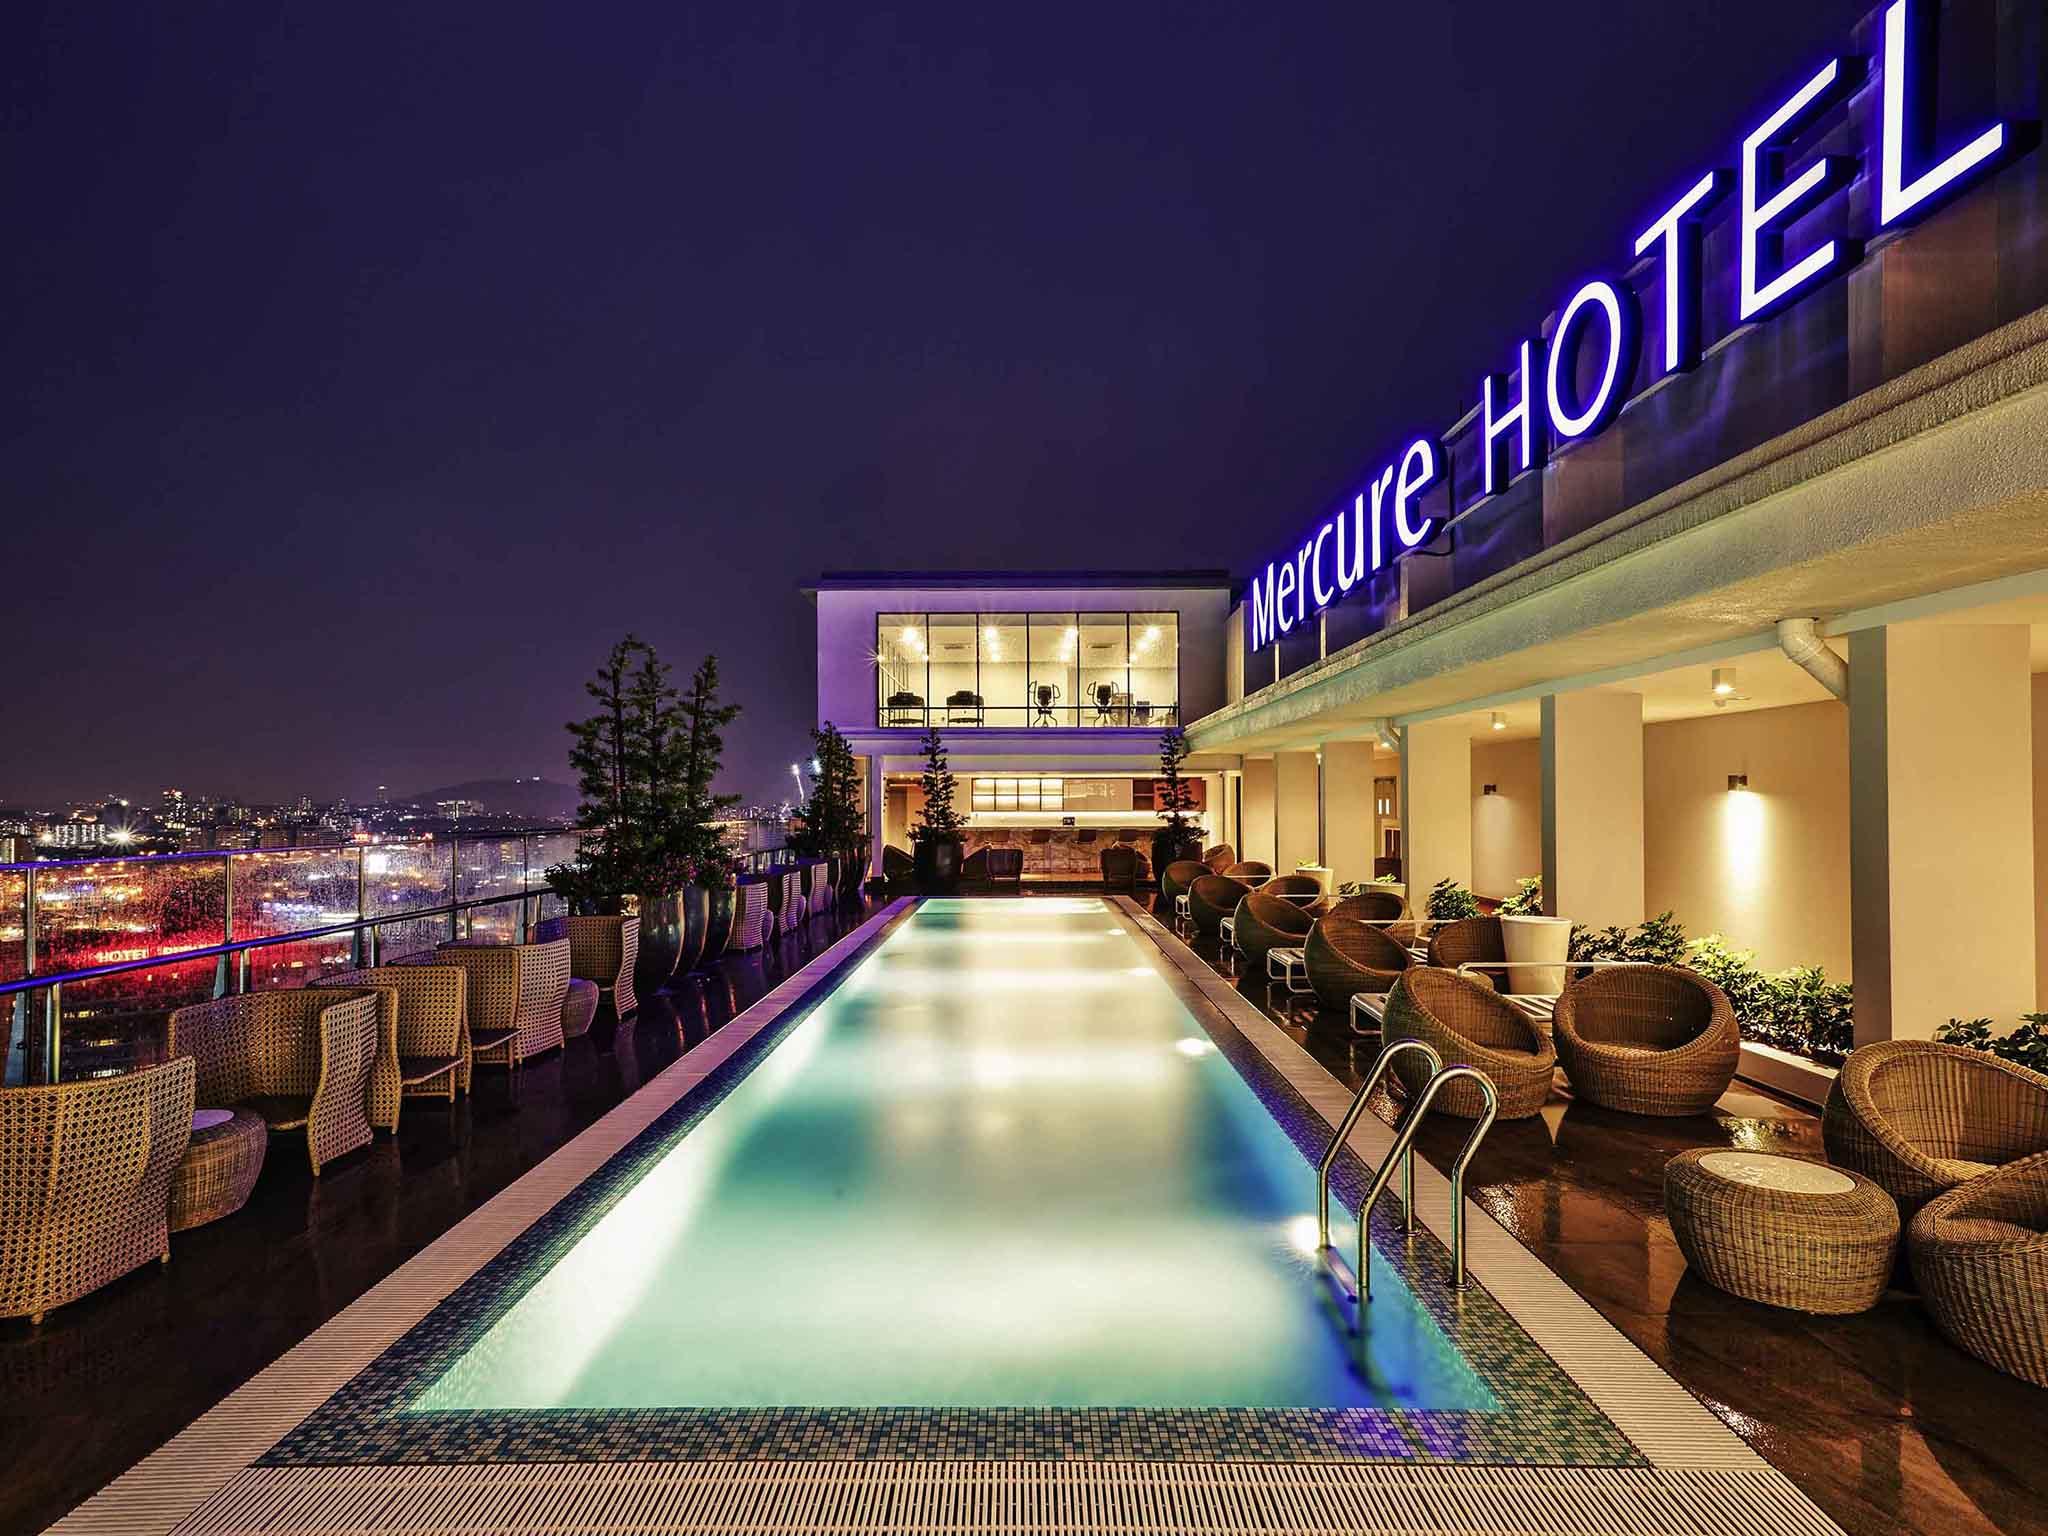 โรงแรม – เมอร์เคียว กัวลาลัมเปอร์ ชอว์ พาเรด